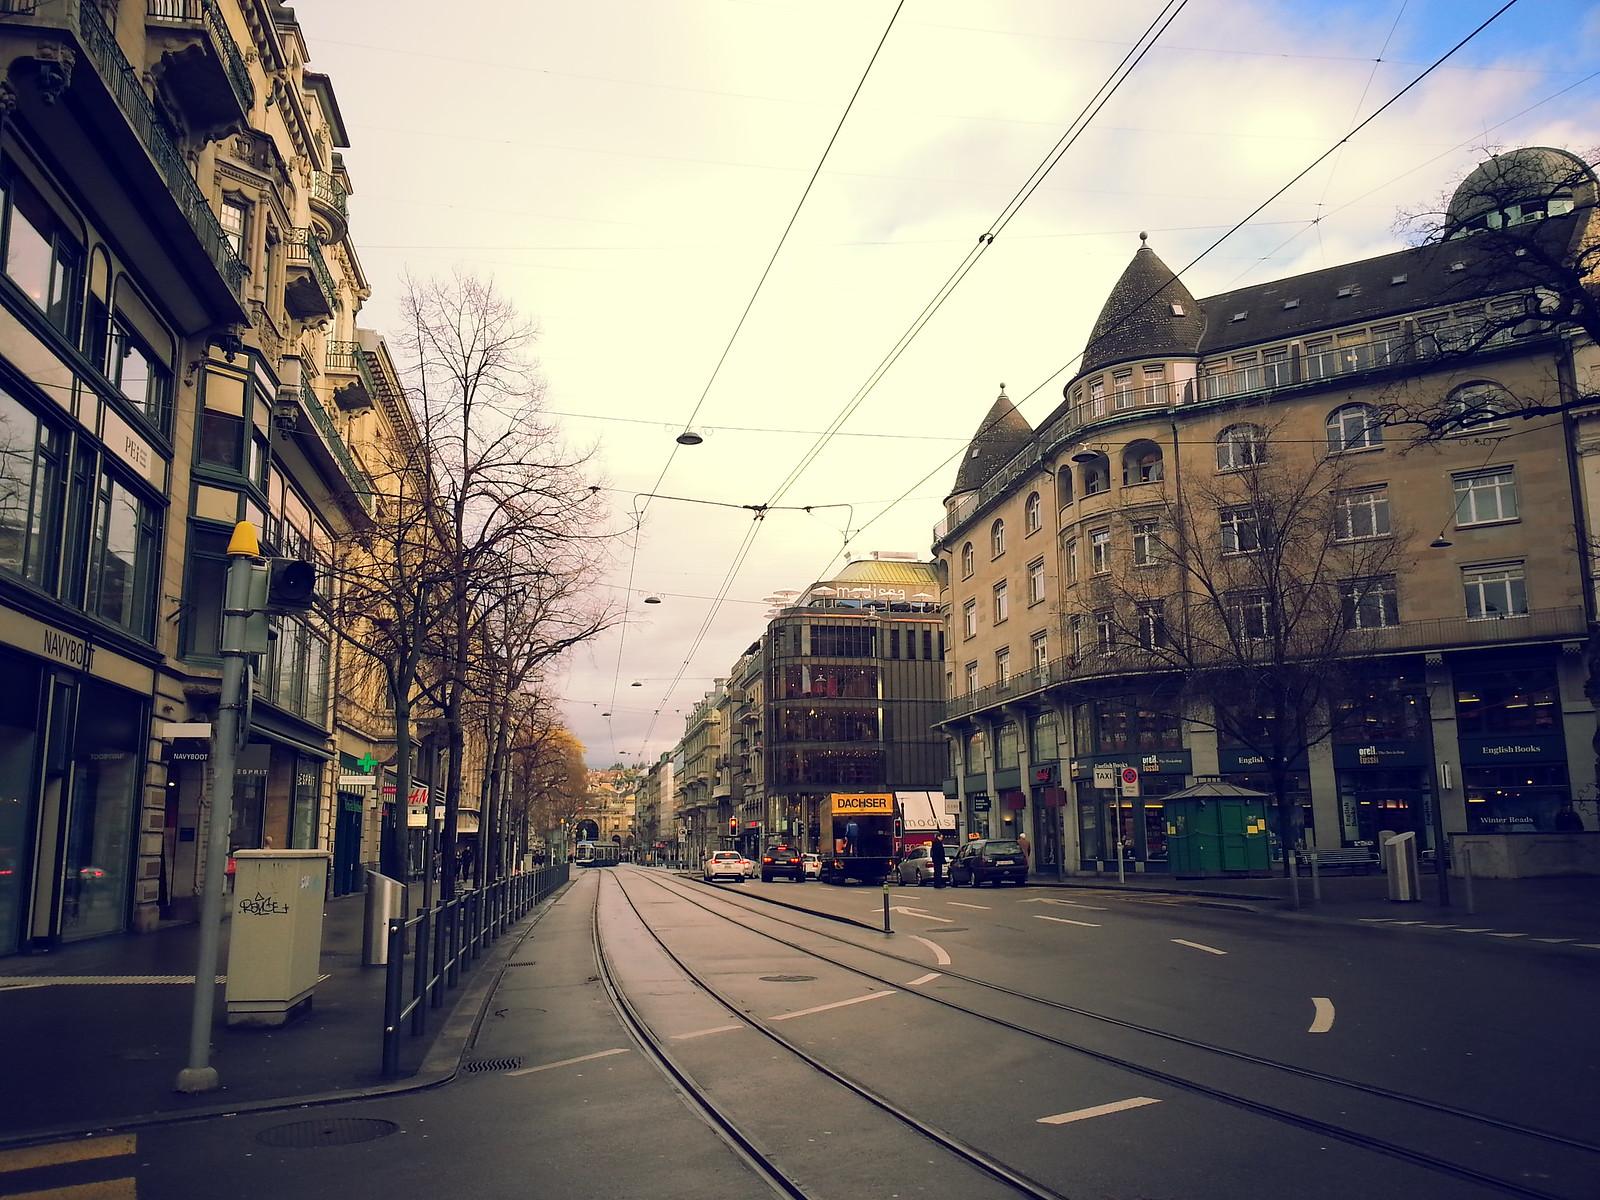 16-01-31 (Zurich) Banhofstrasse.